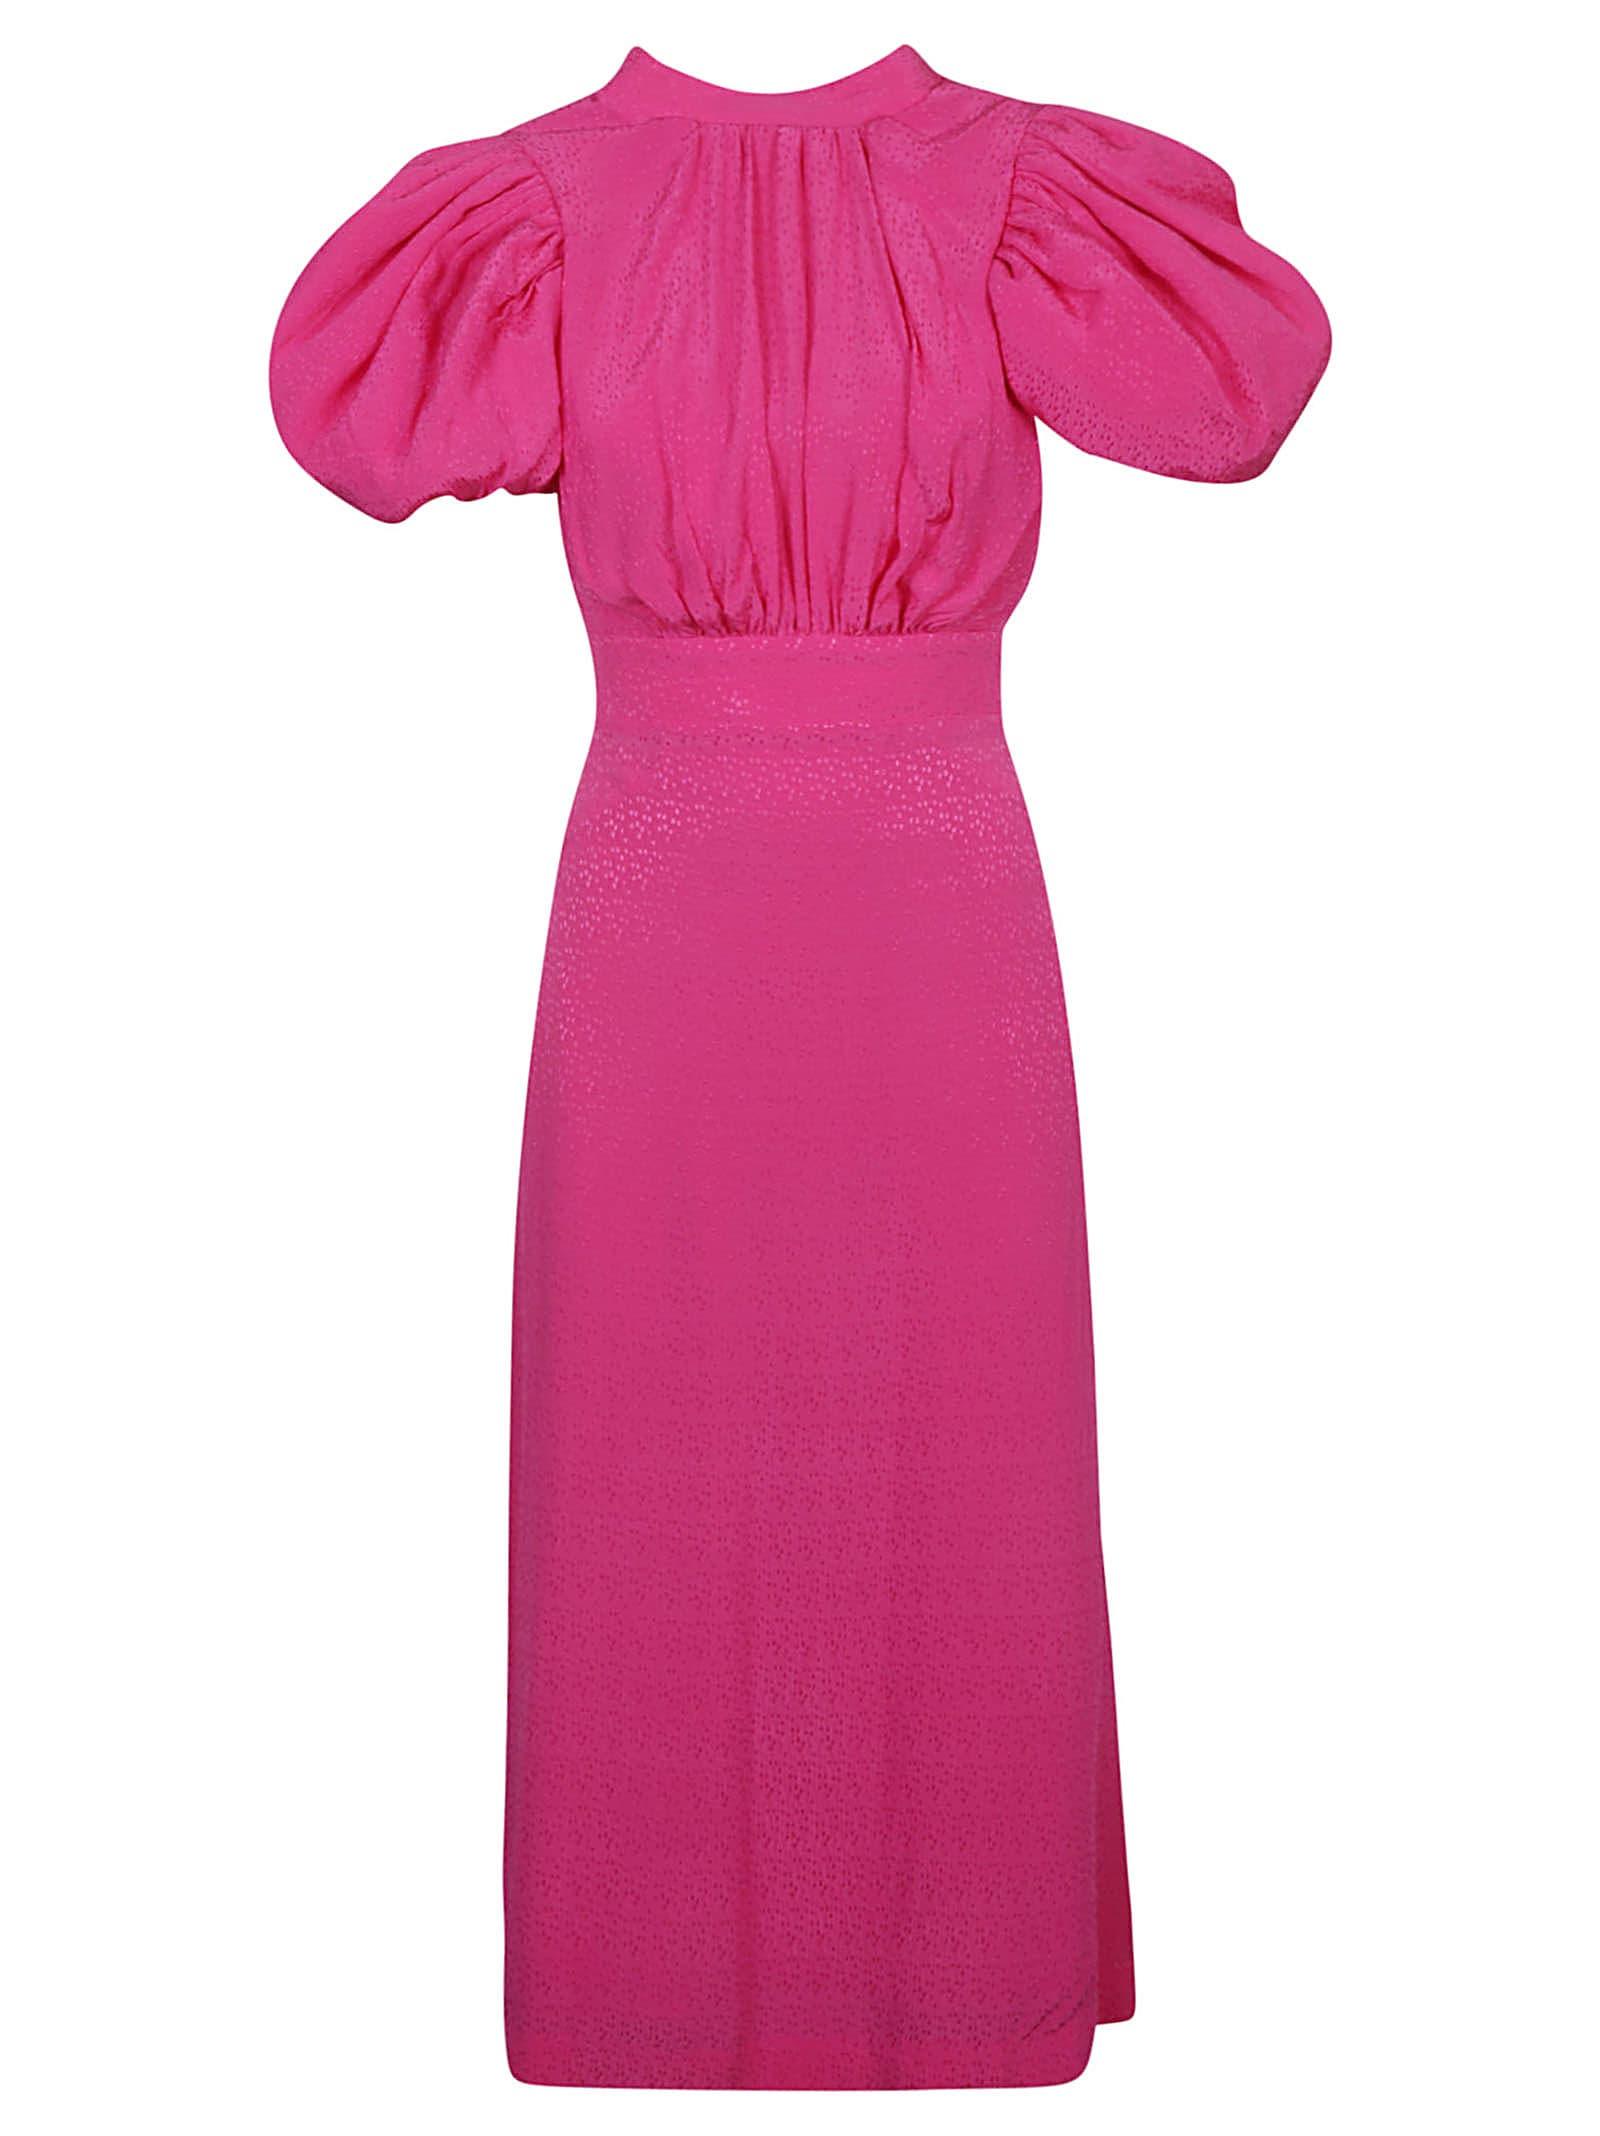 Rotate Birger Christensen Dresses DAWN DRESS